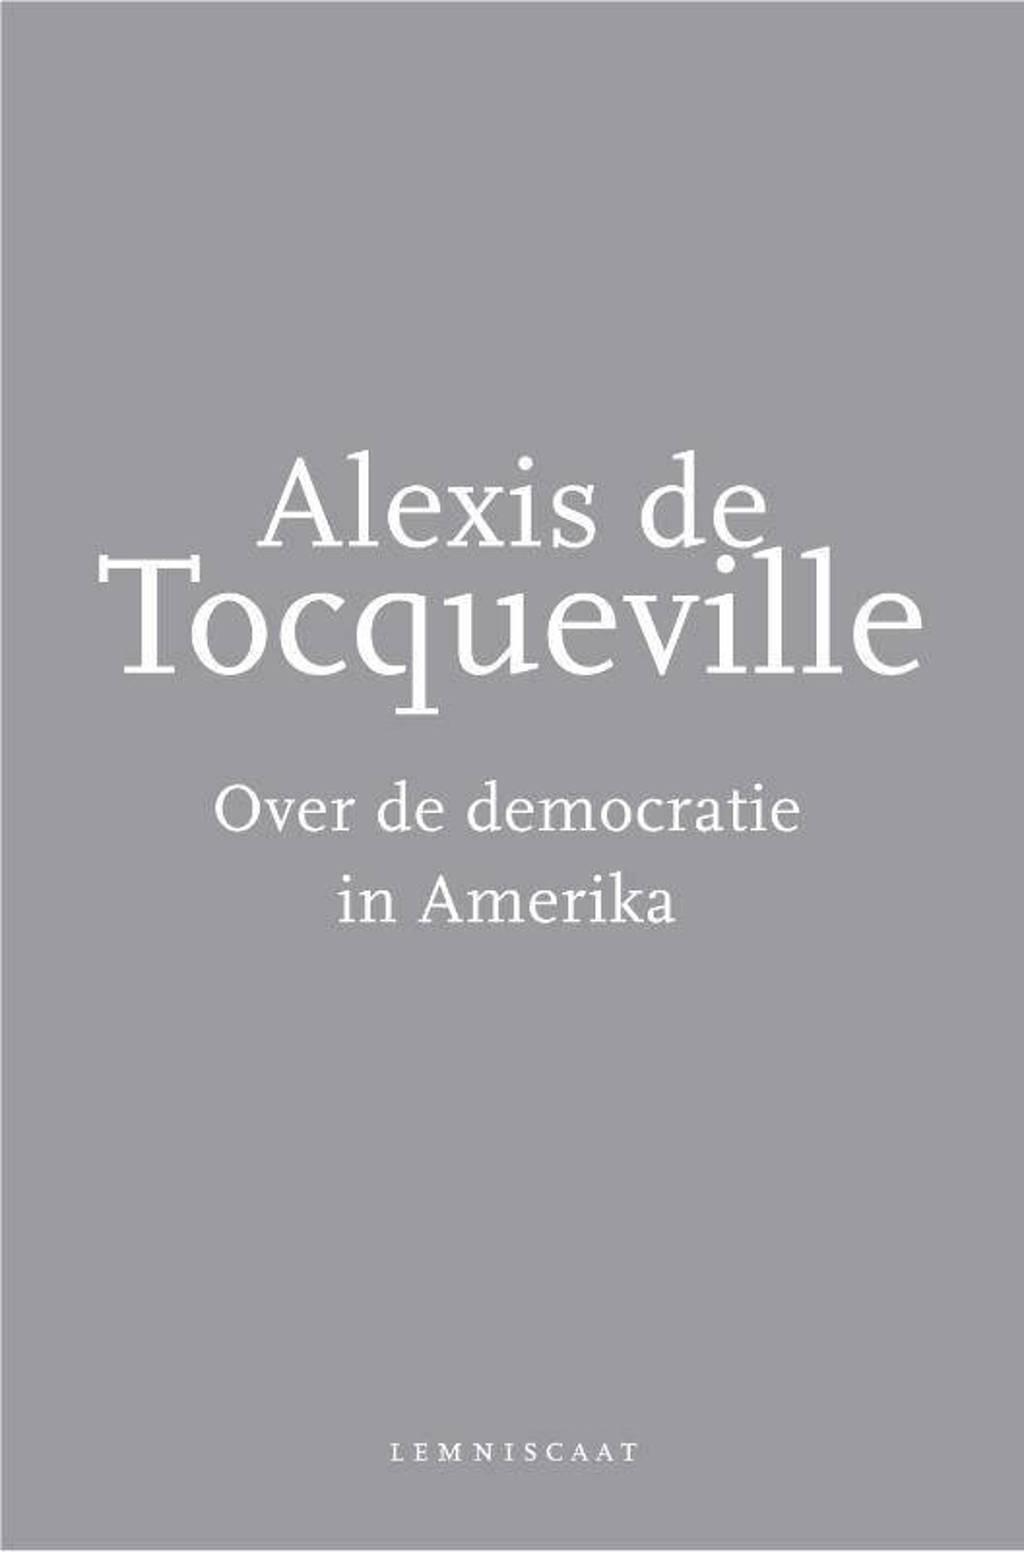 Over de democratie in Amerika - Alexis de Tocqueville